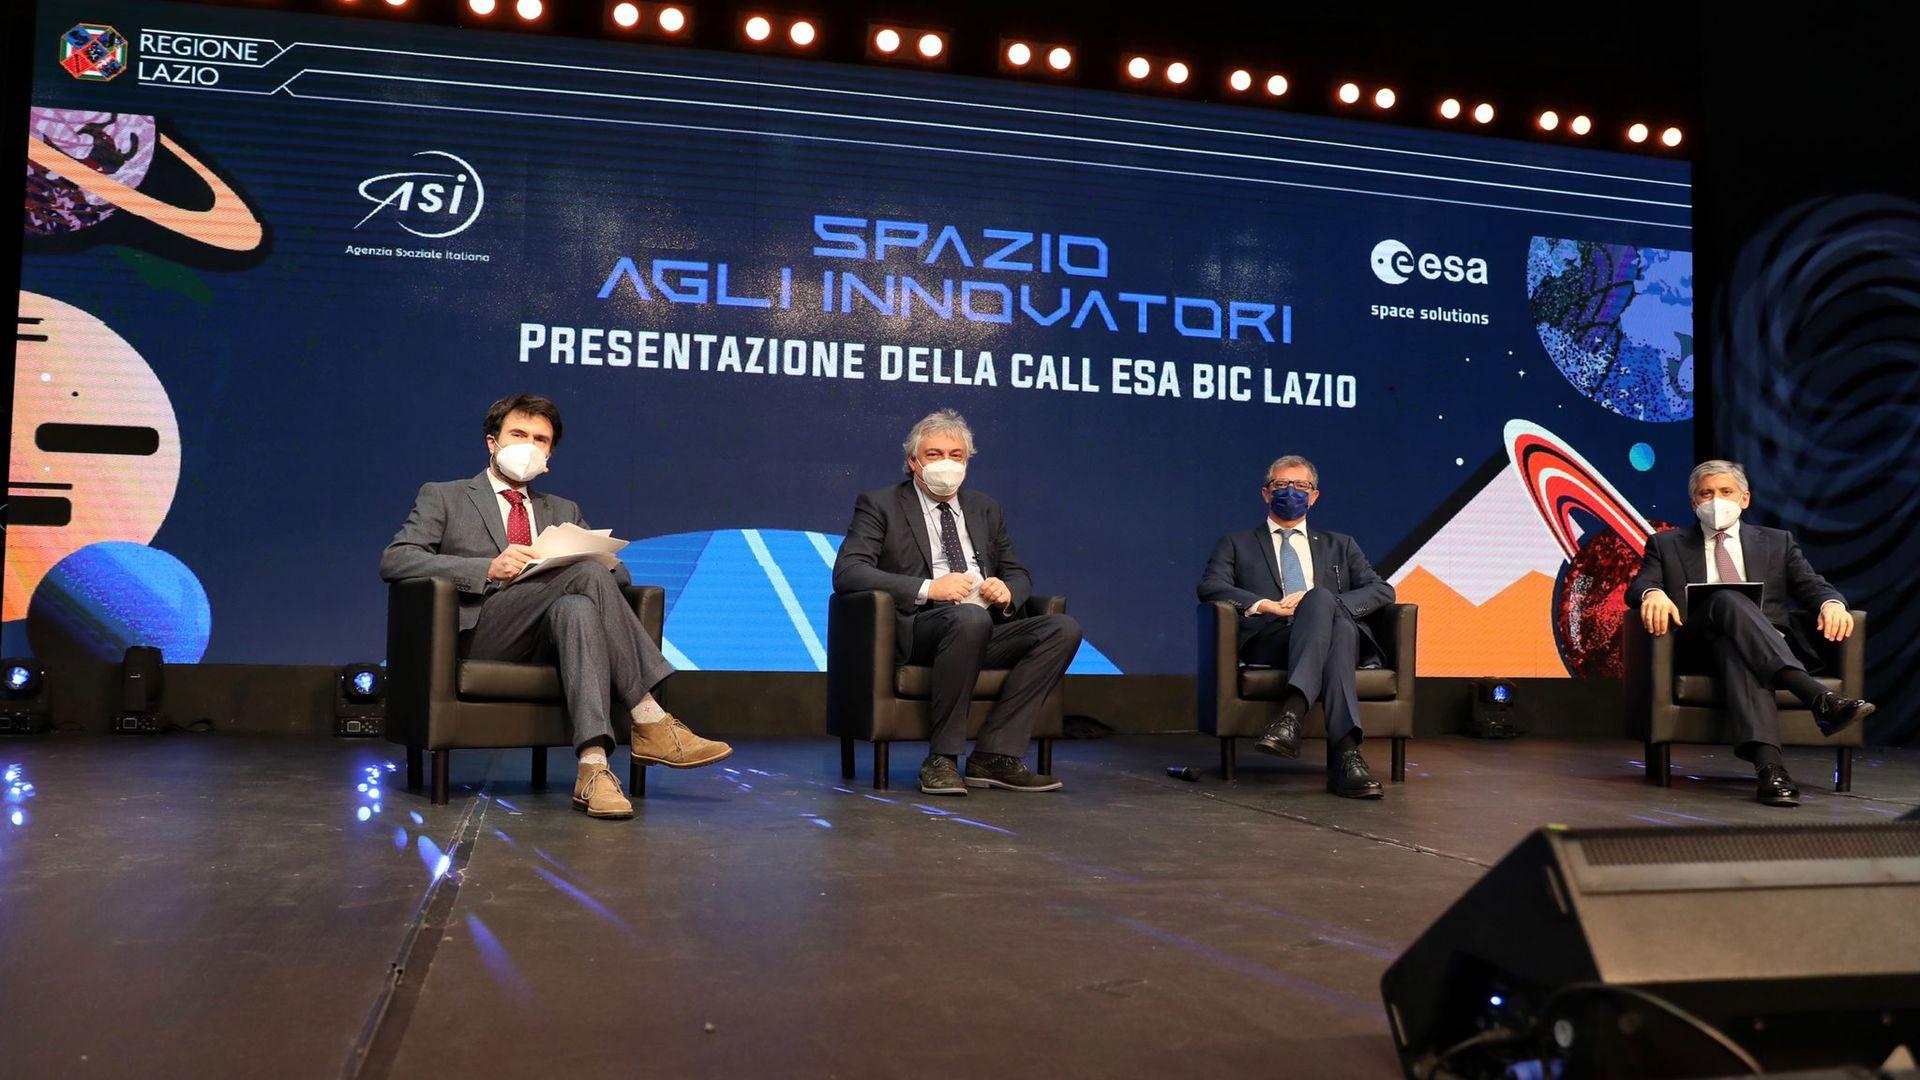 ASI - Spazio agli innovatori, al via la call ESA BIC Lazio 2021